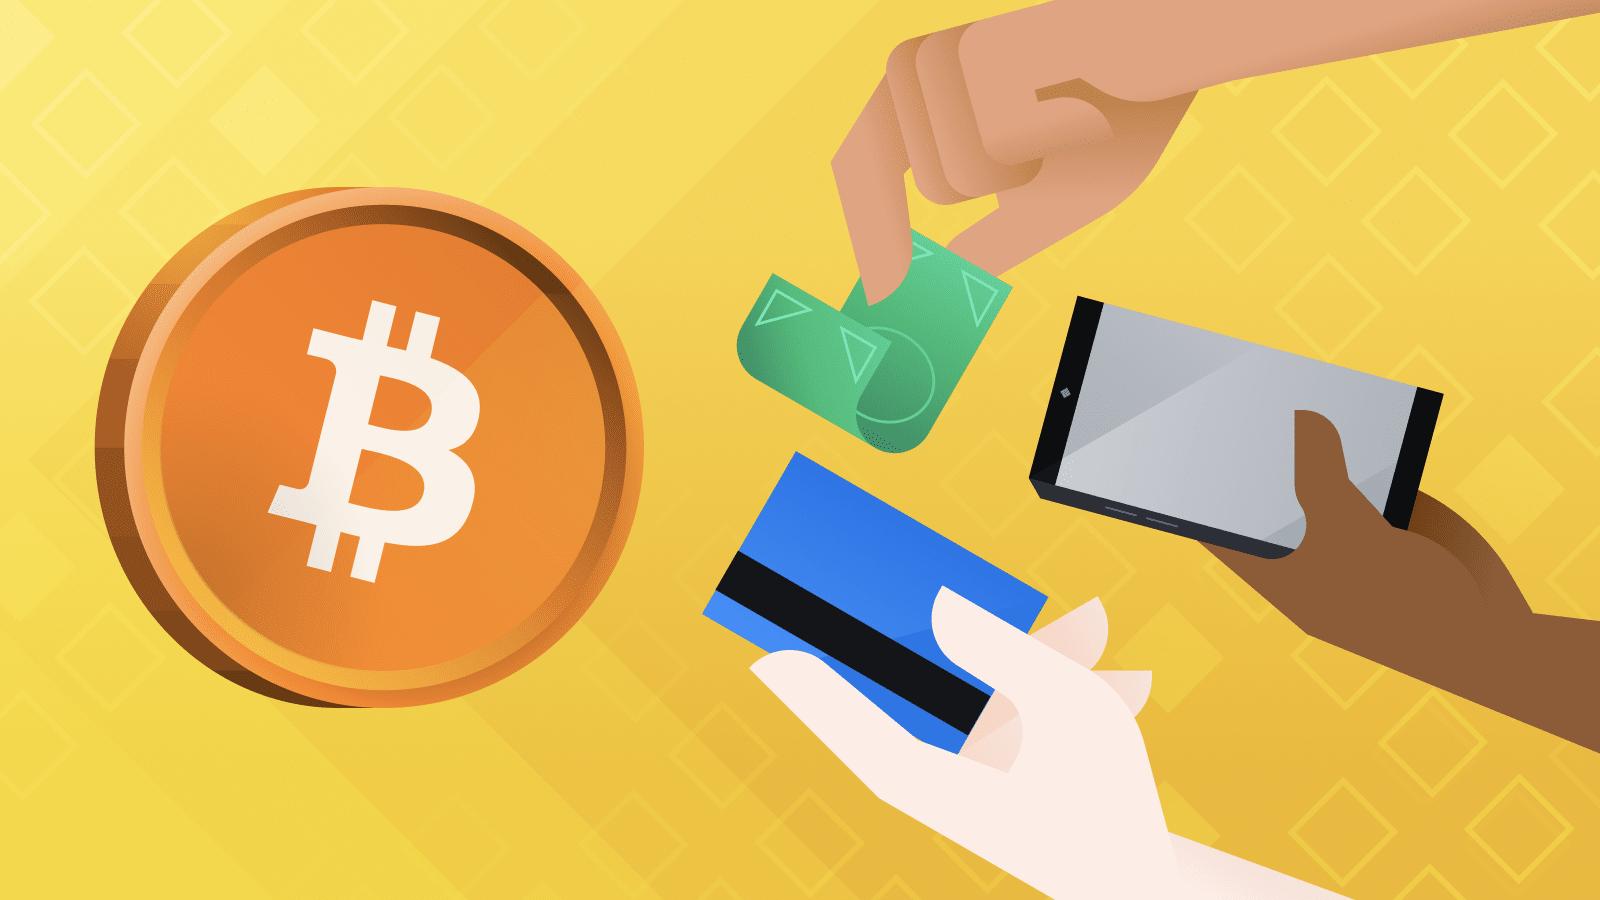 Convertiți Bitcoins (BTC) şi Fiji Dolari (FJD): Calculator schimb valutar